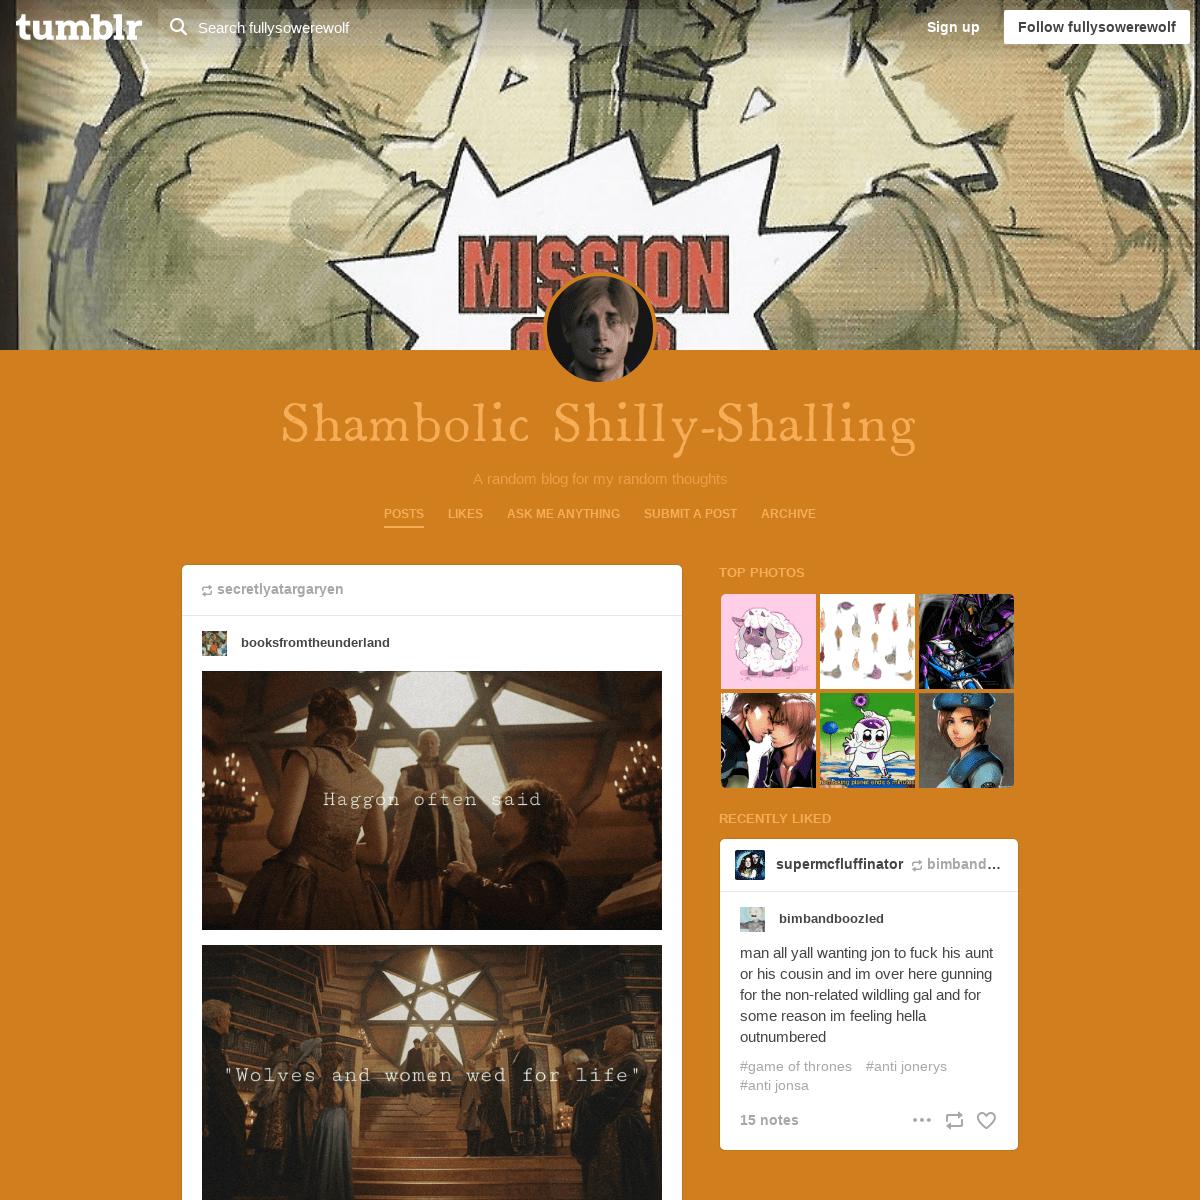 Shambolic Shilly-Shalling